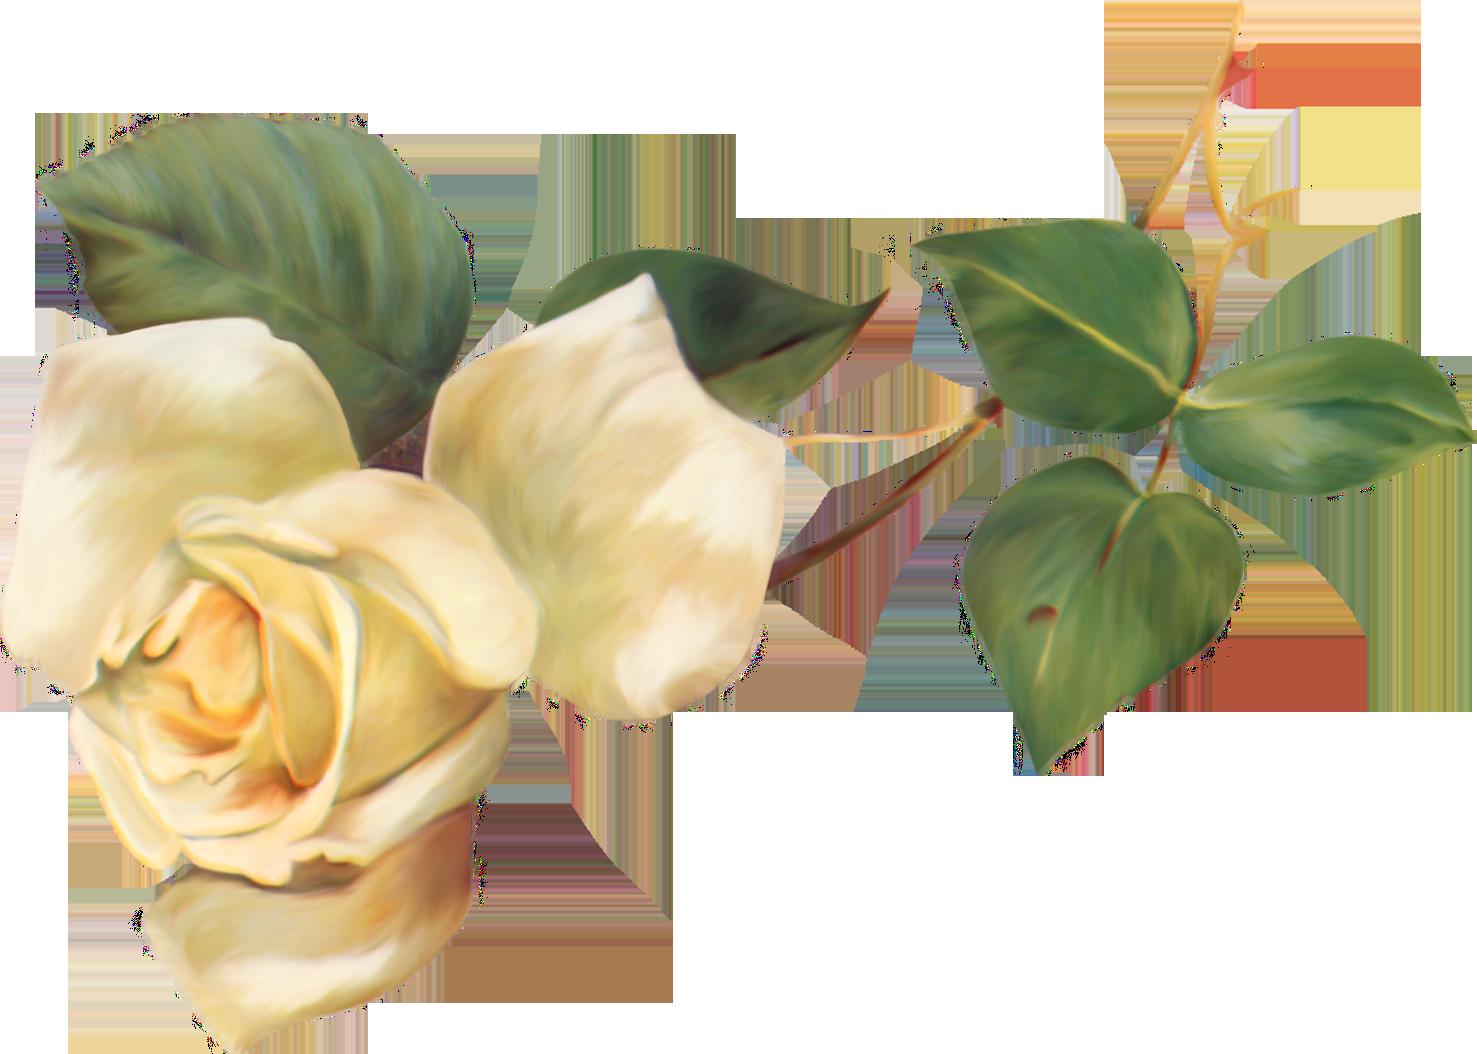 Букет роз в векторе на прозрачном фоне, антикризисные букеты купить